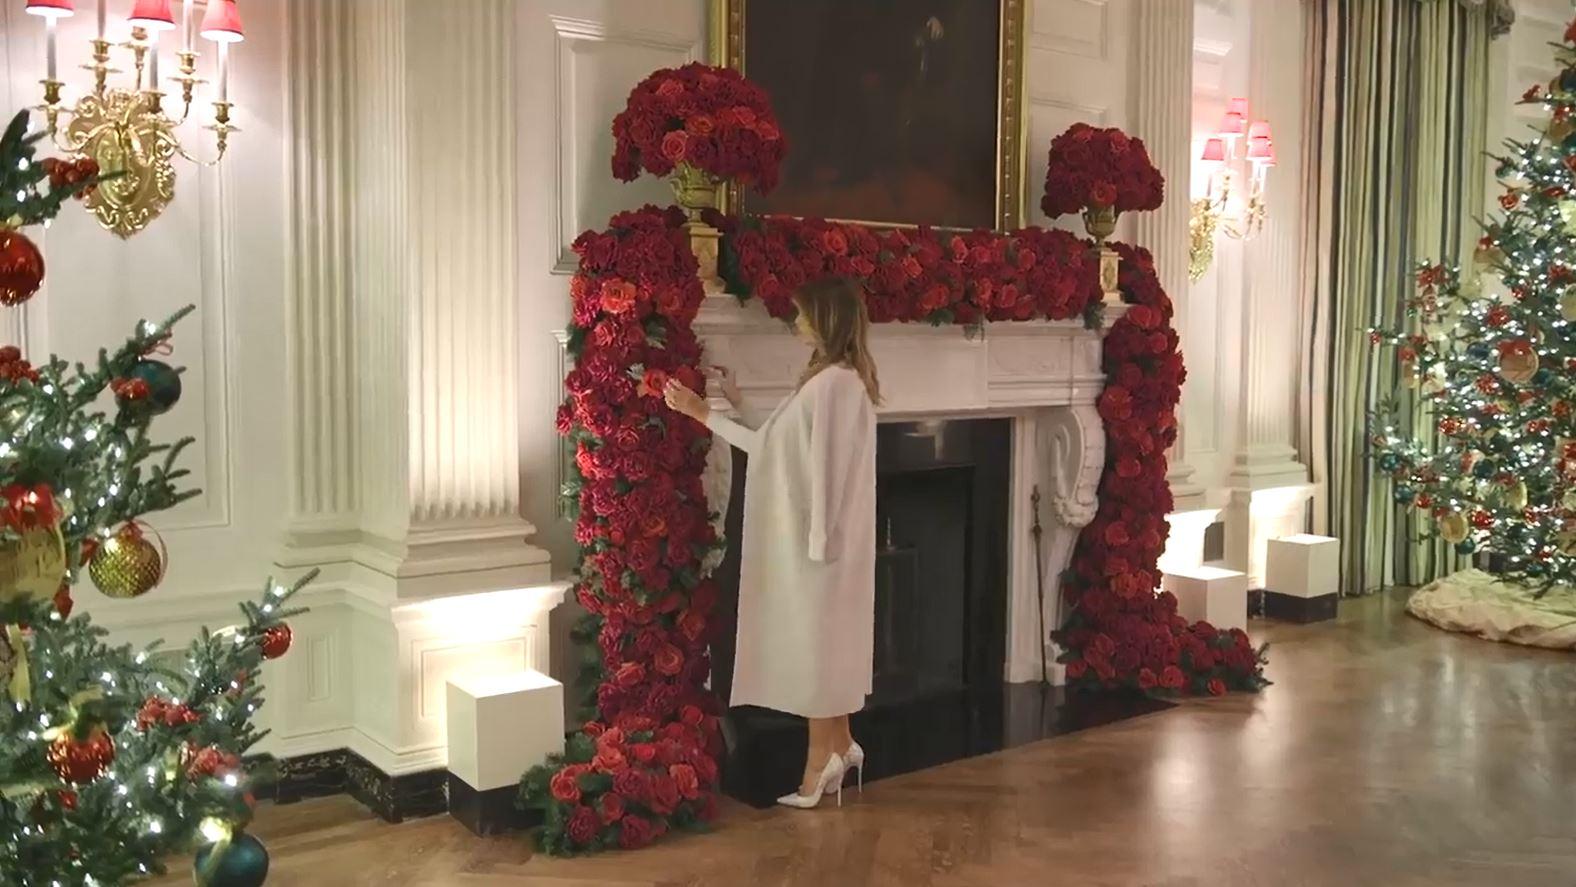 OMG! Tak Melania Trump udekorowała na święta Biały Dom. Jeszcze nigdy nie było takiego efektu